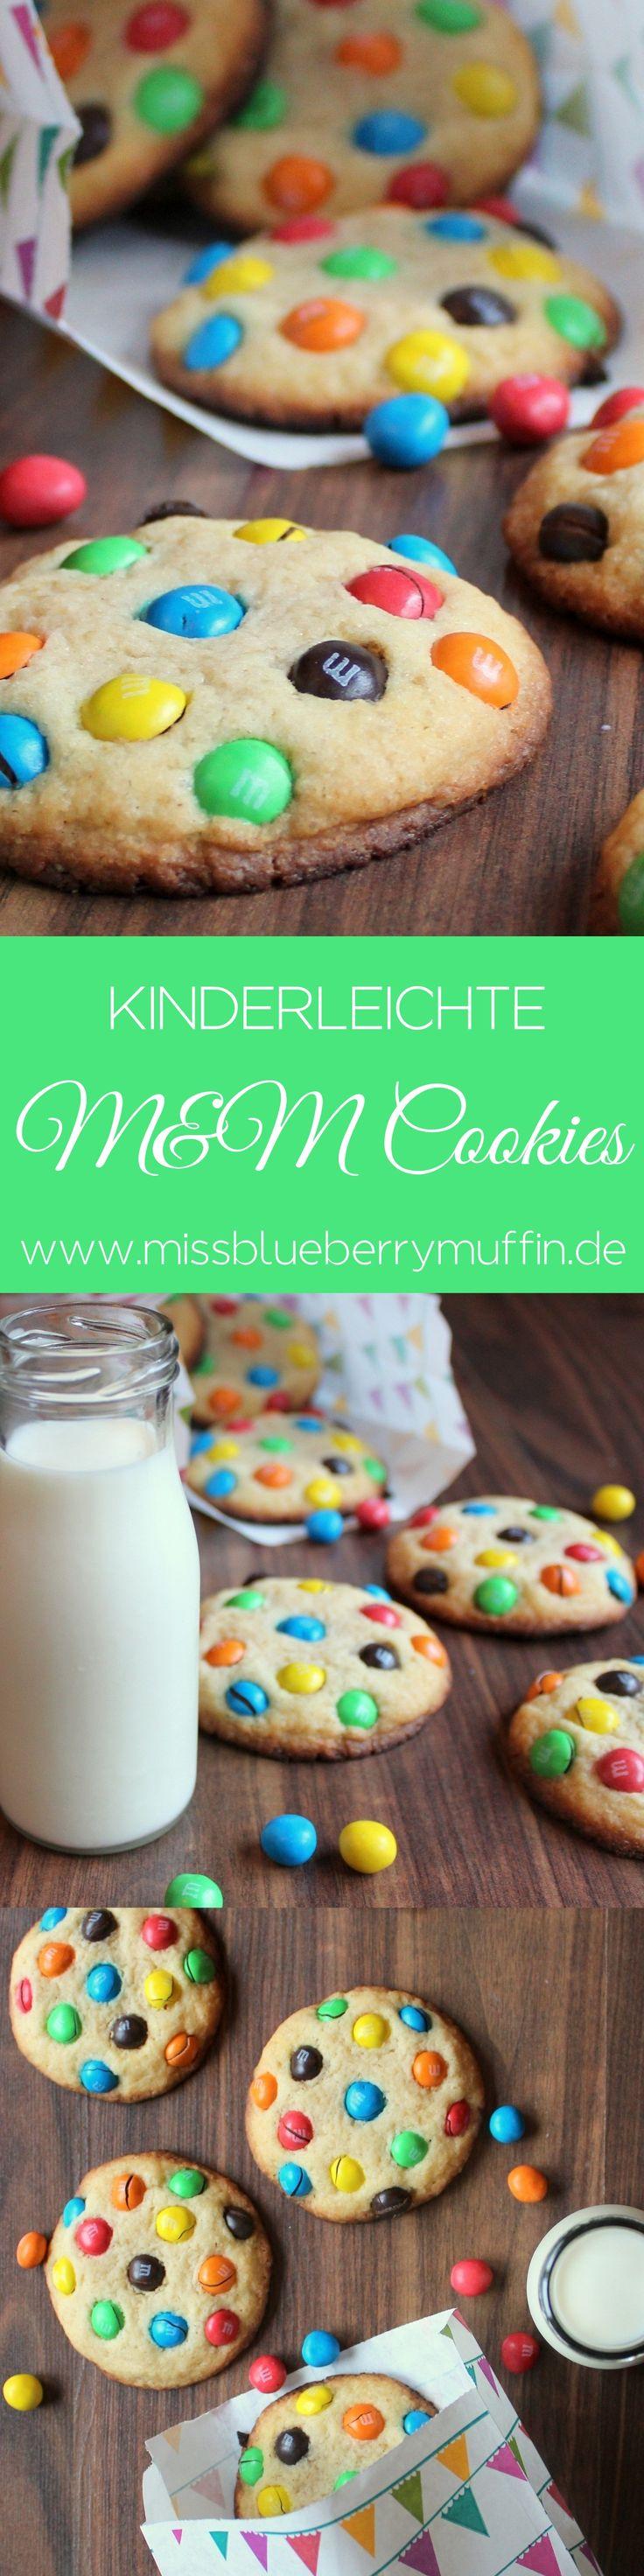 Kinderleichte M&M Cookies! So bunt und lecker! Funktioniert auch super mit…